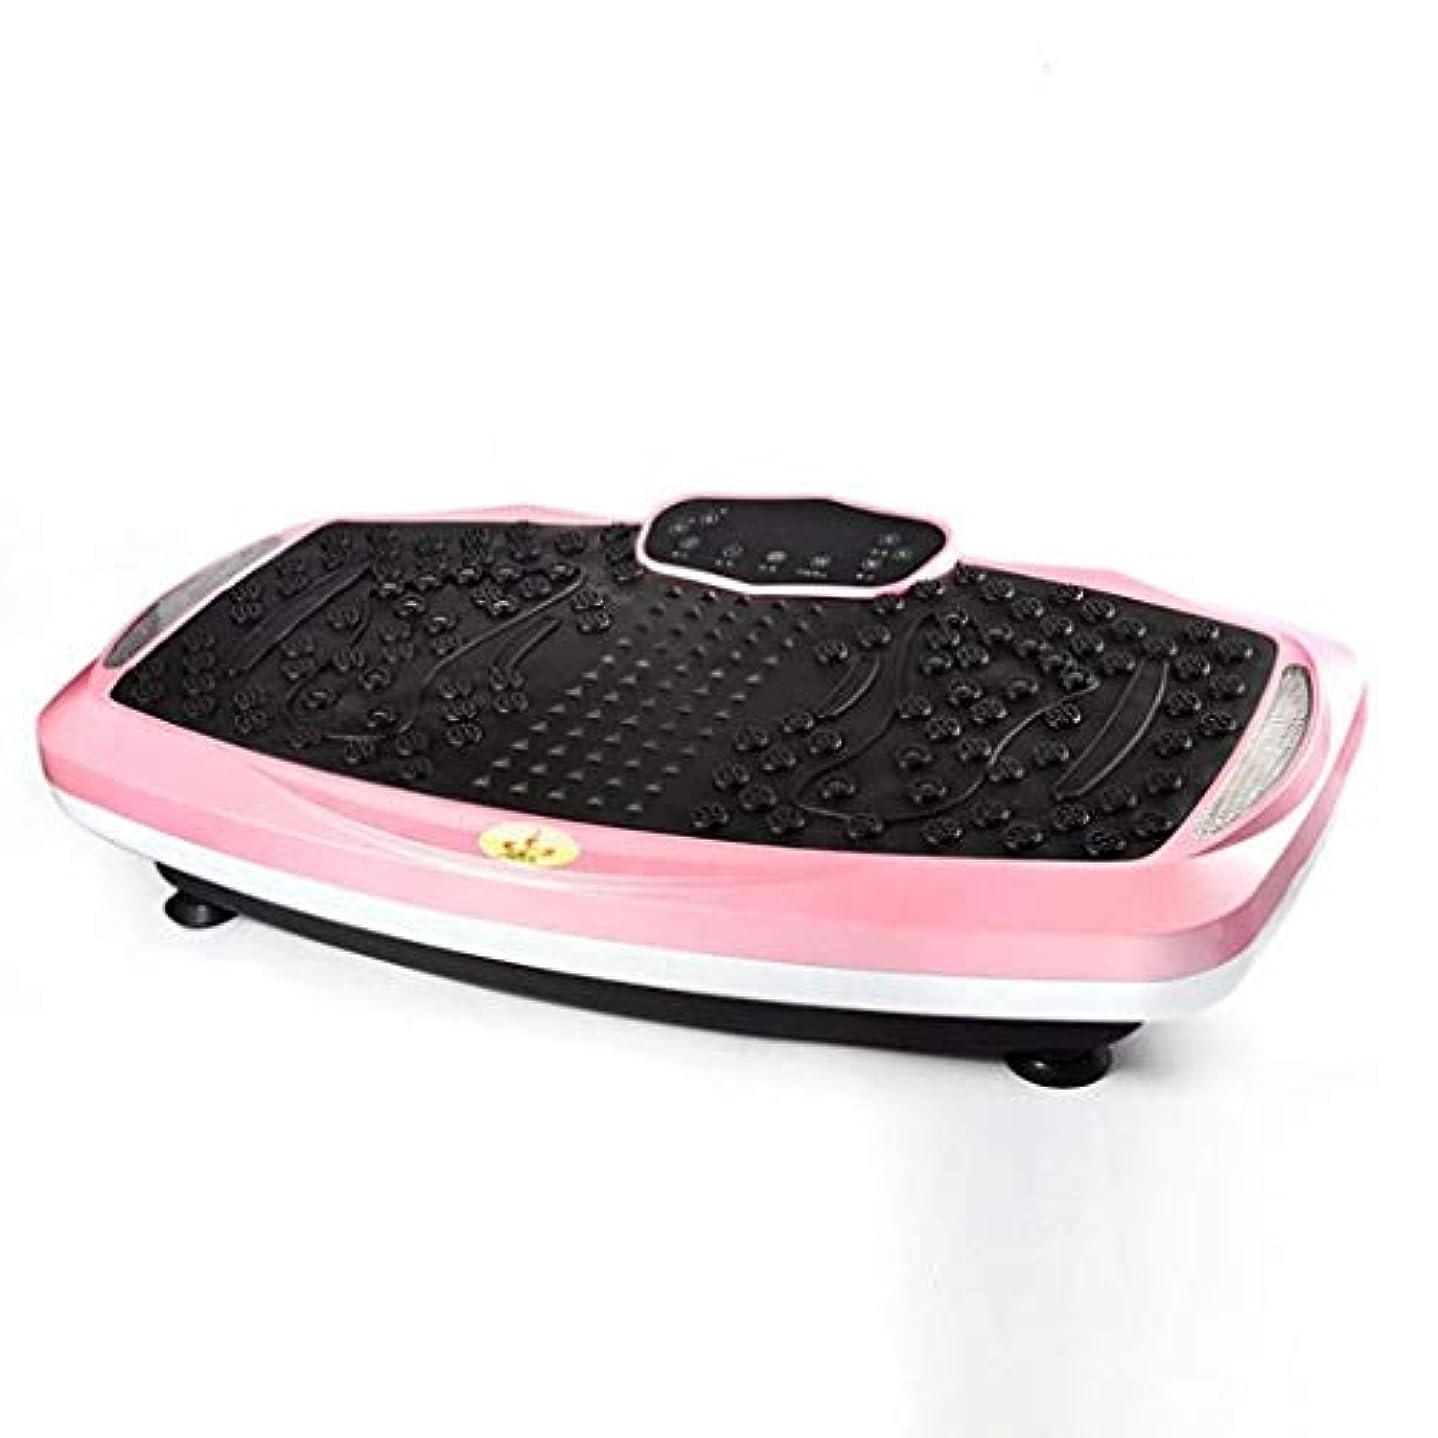 立法簡単に起こる家庭用減量装置、フィットネス振動トレーナー、Bluetooth音楽スピーカーを装備、全身振動マッサージボード、ユニセックス、余分な脂肪を減らす (Color : Rose pink)